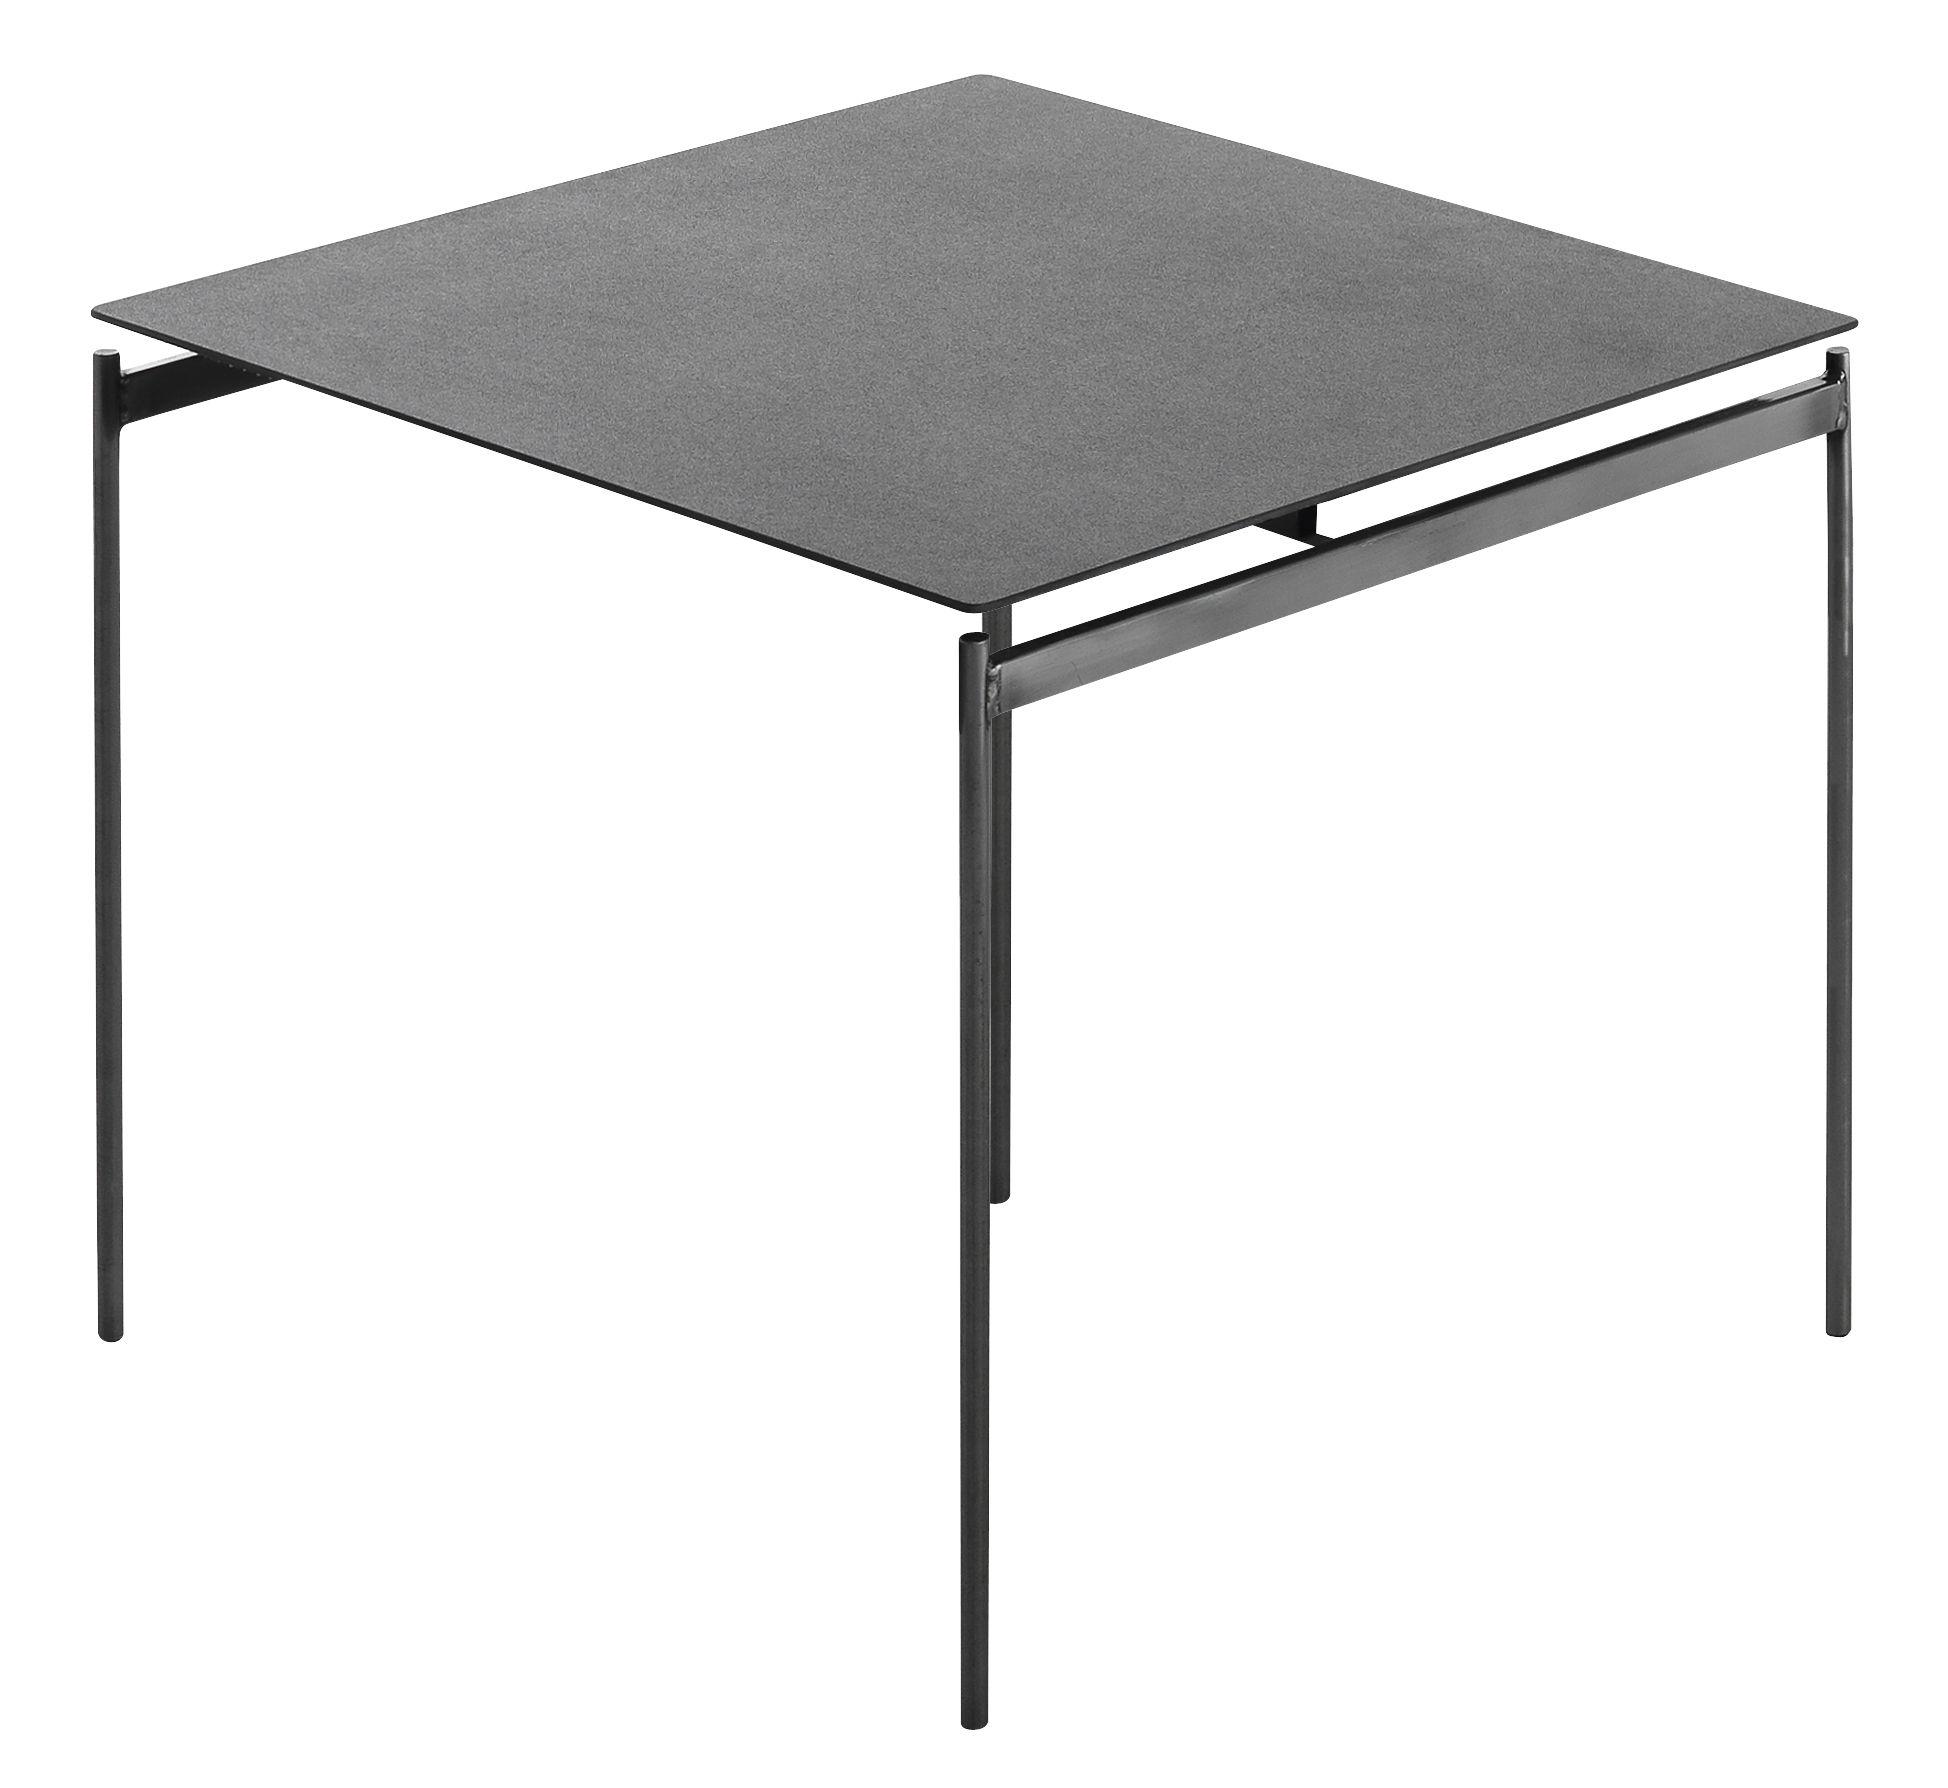 Mobilier - Tables basses - Table d'appoint Torii / 48 x 43 x H 40 cm - Céramique - Horm - Céramique grise / Pied métal brut - Céramique, Métal brut